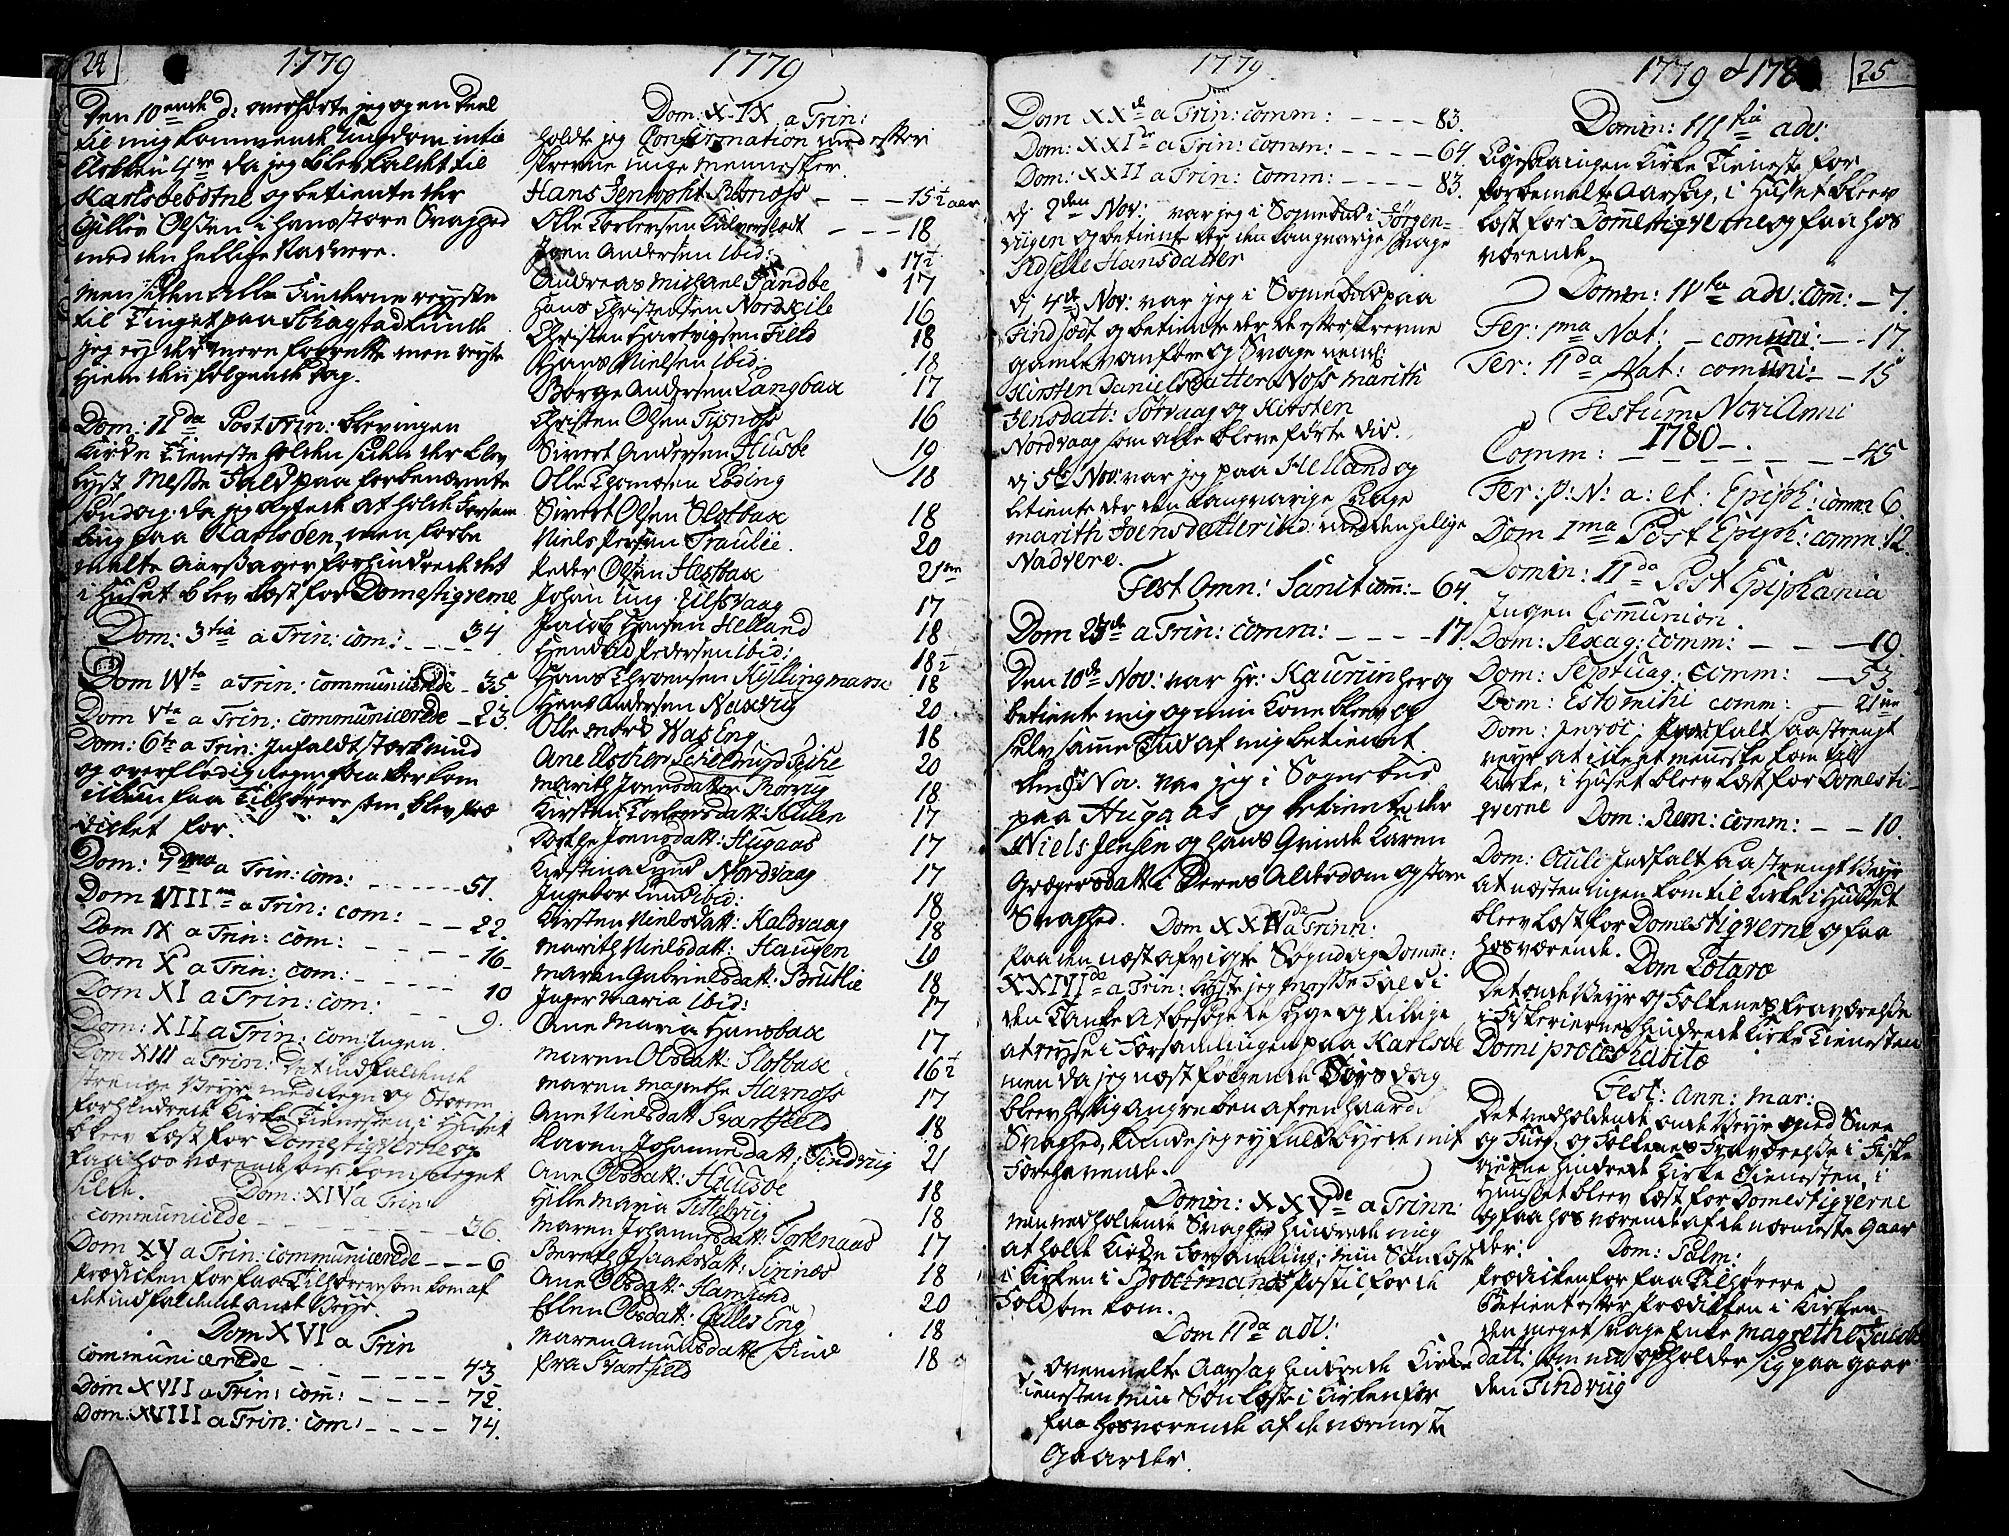 SAT, Ministerialprotokoller, klokkerbøker og fødselsregistre - Nordland, 859/L0841: Parish register (official) no. 859A01, 1766-1821, p. 24-25